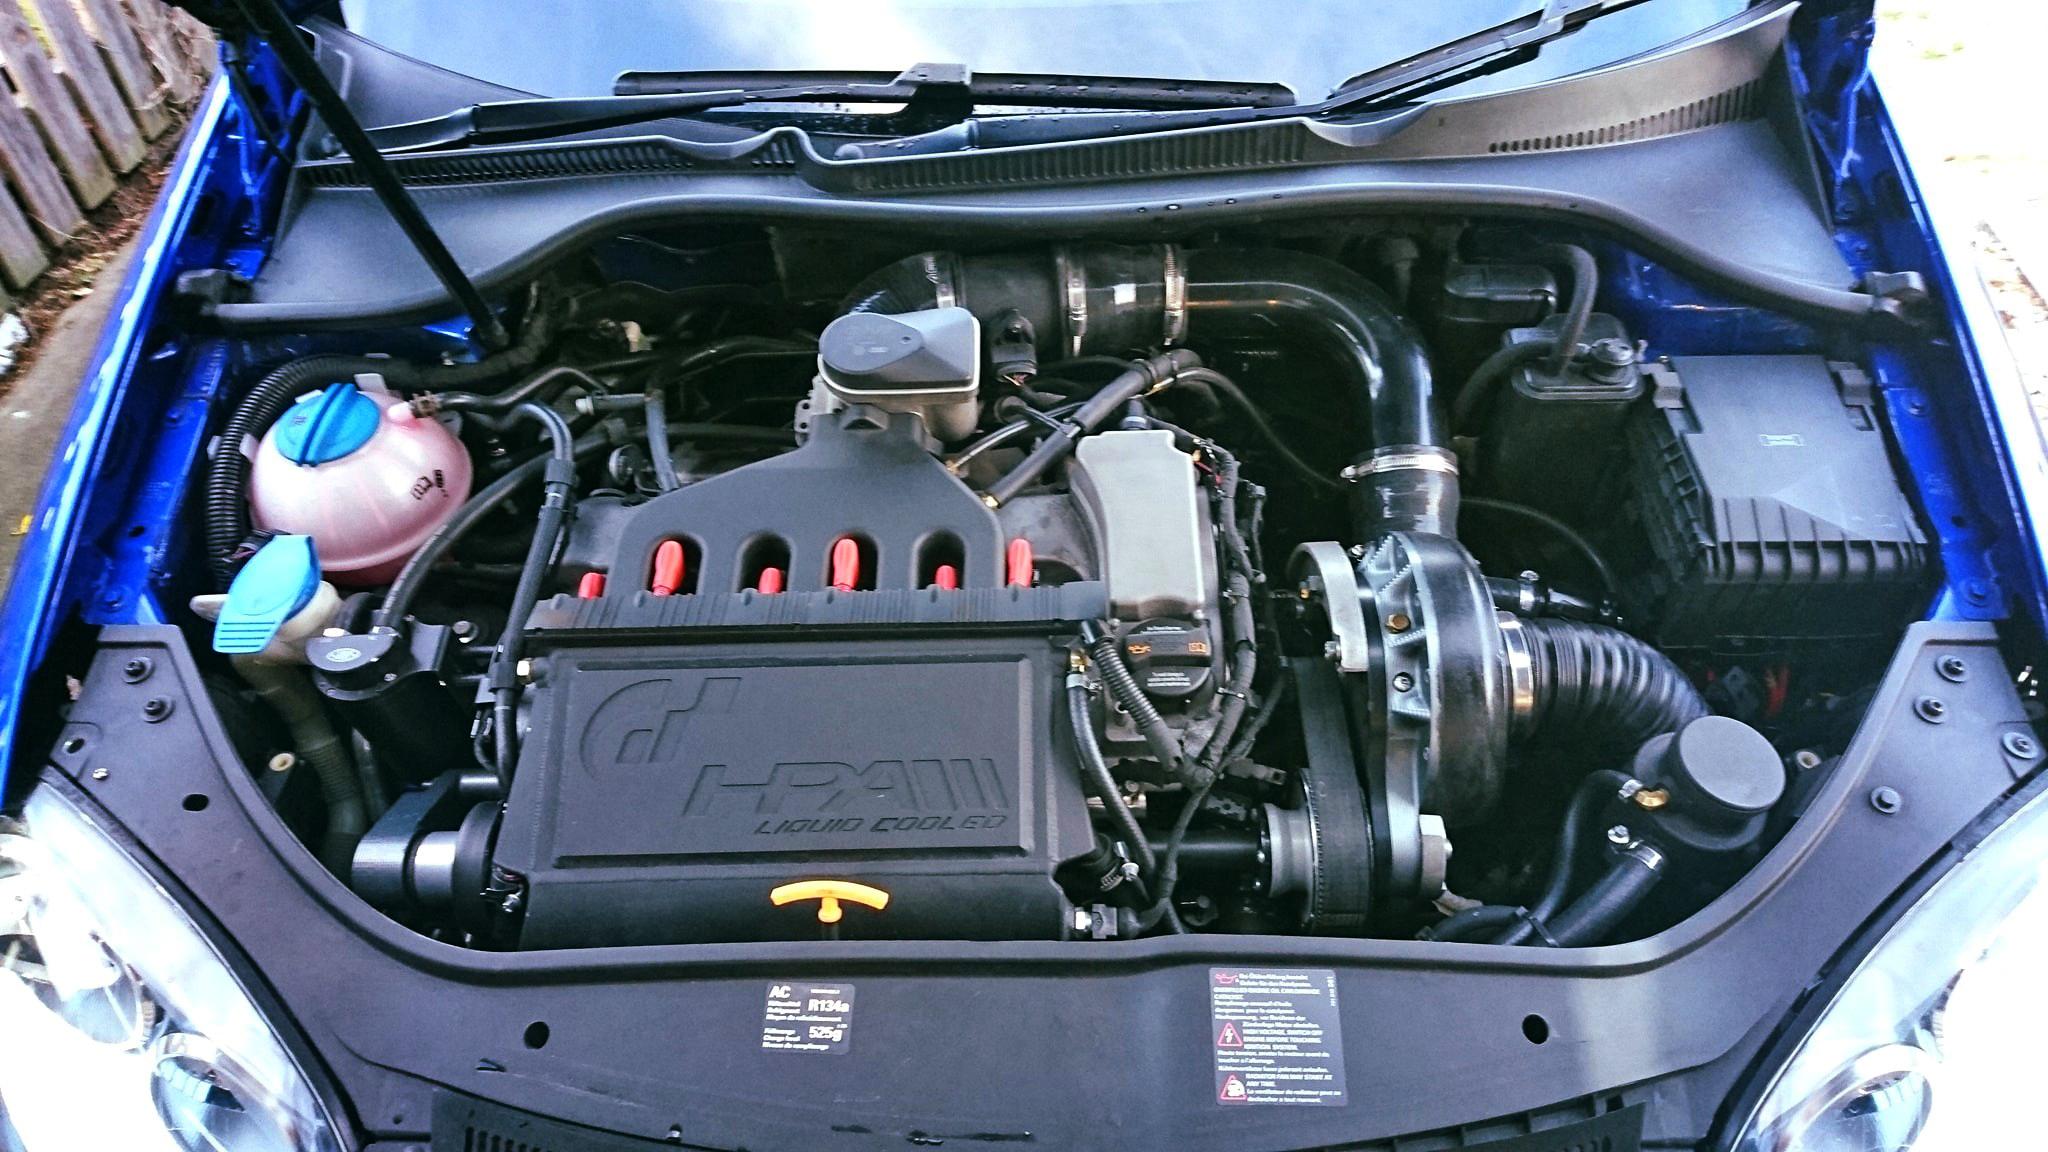 Supercharger Kits - Carlicious-Parts • Augsburg • Tuning